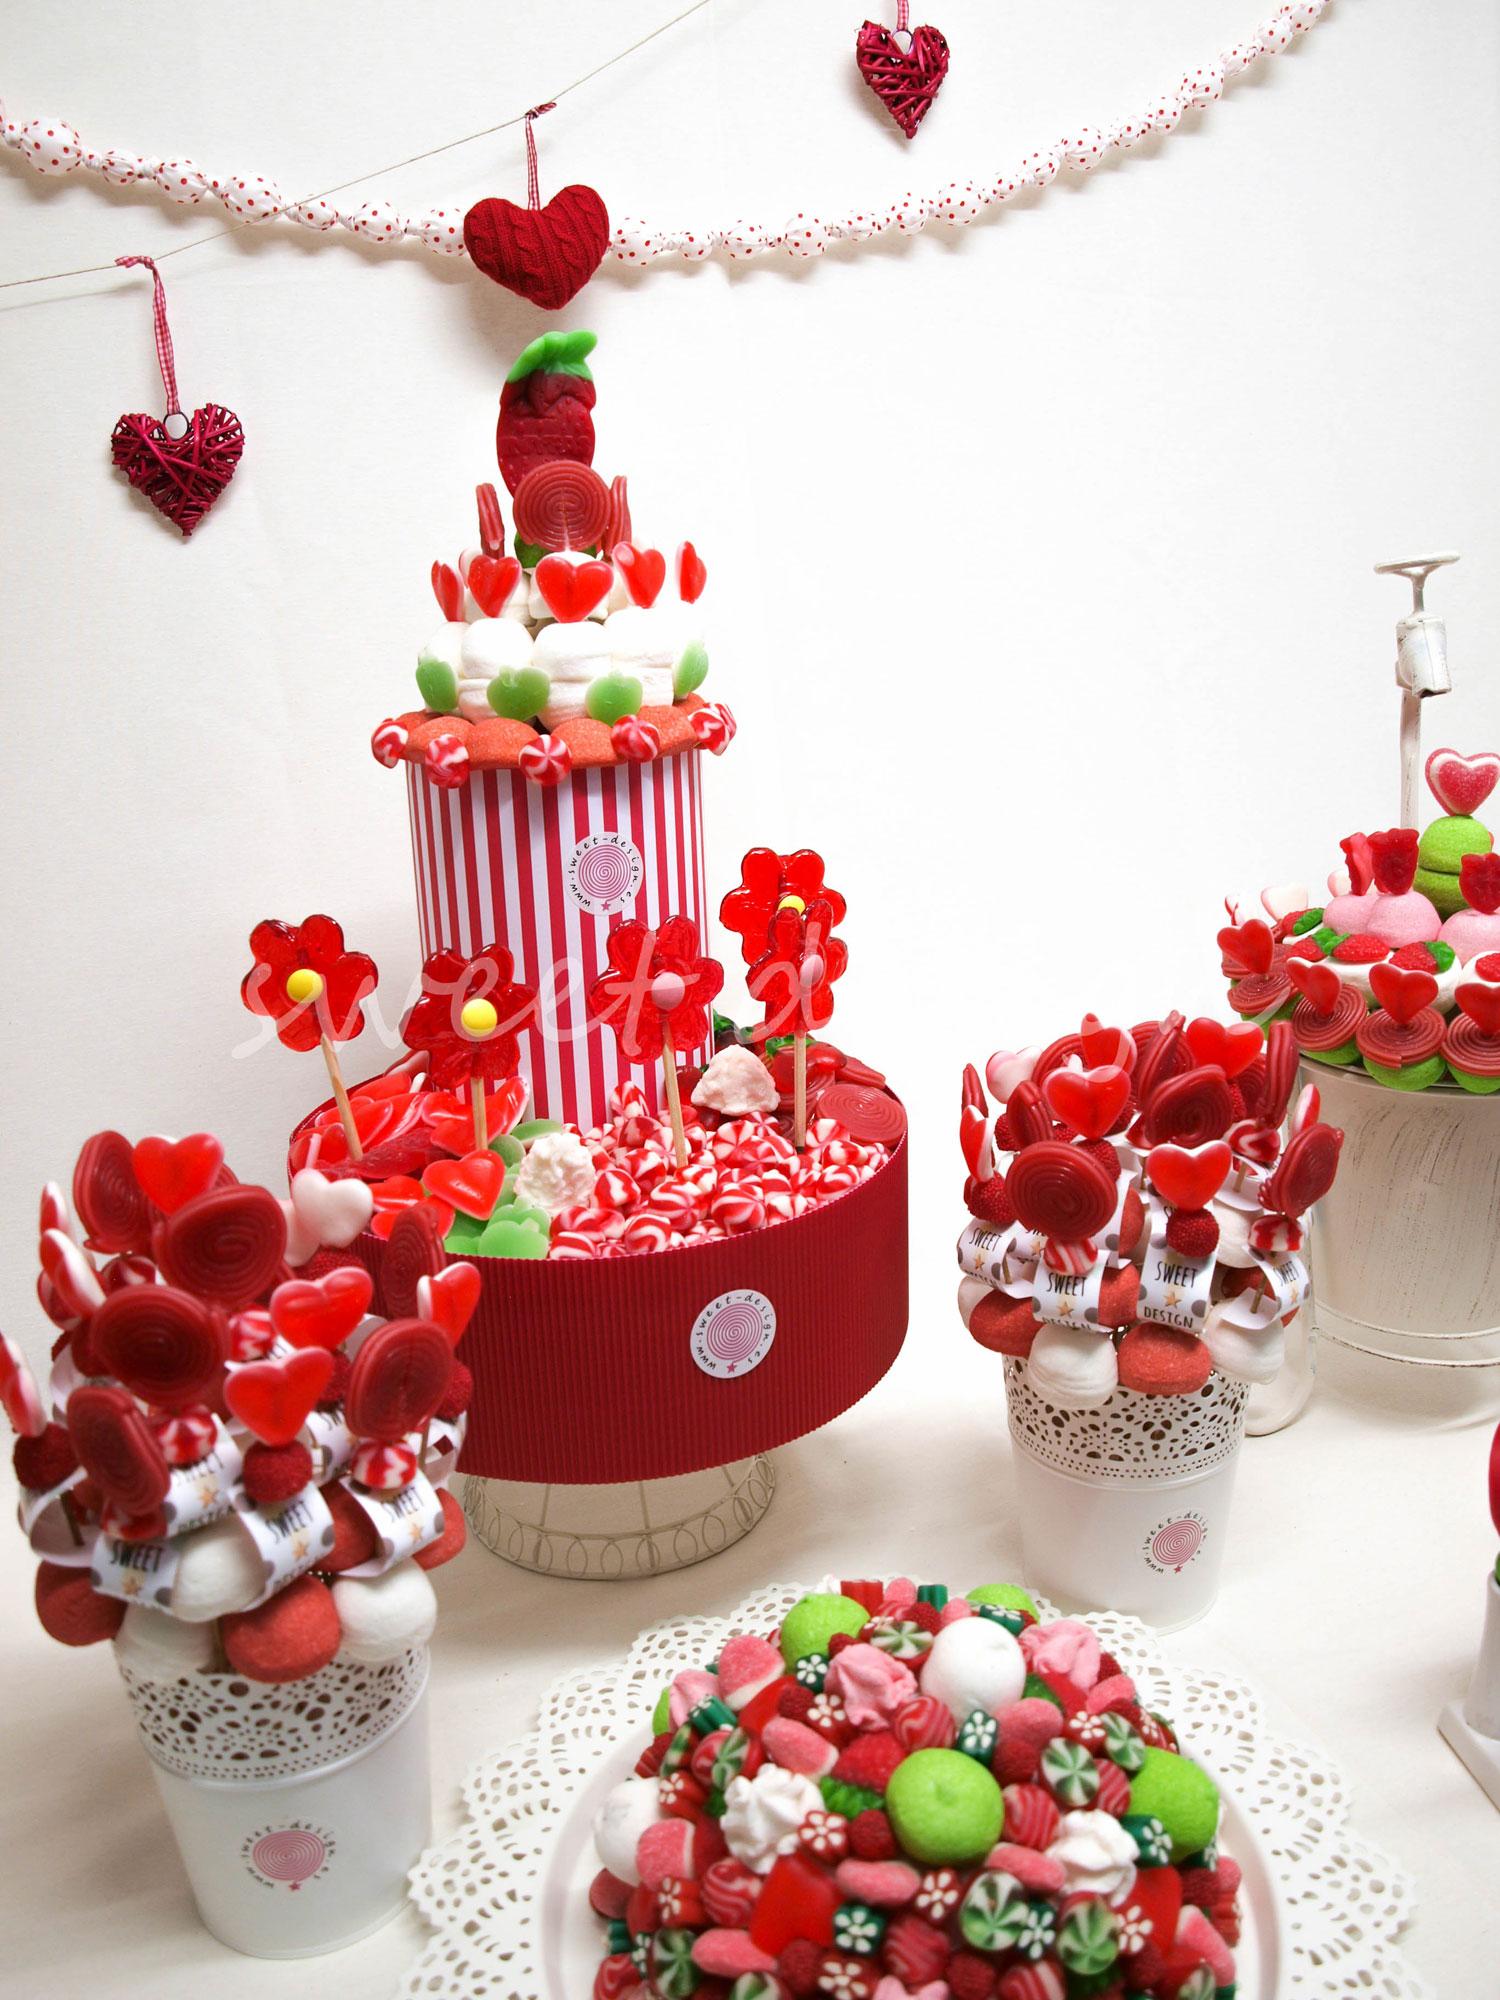 Composici n de buffet rojo verde y blanco sweet design for Ideas para mesas de chuches